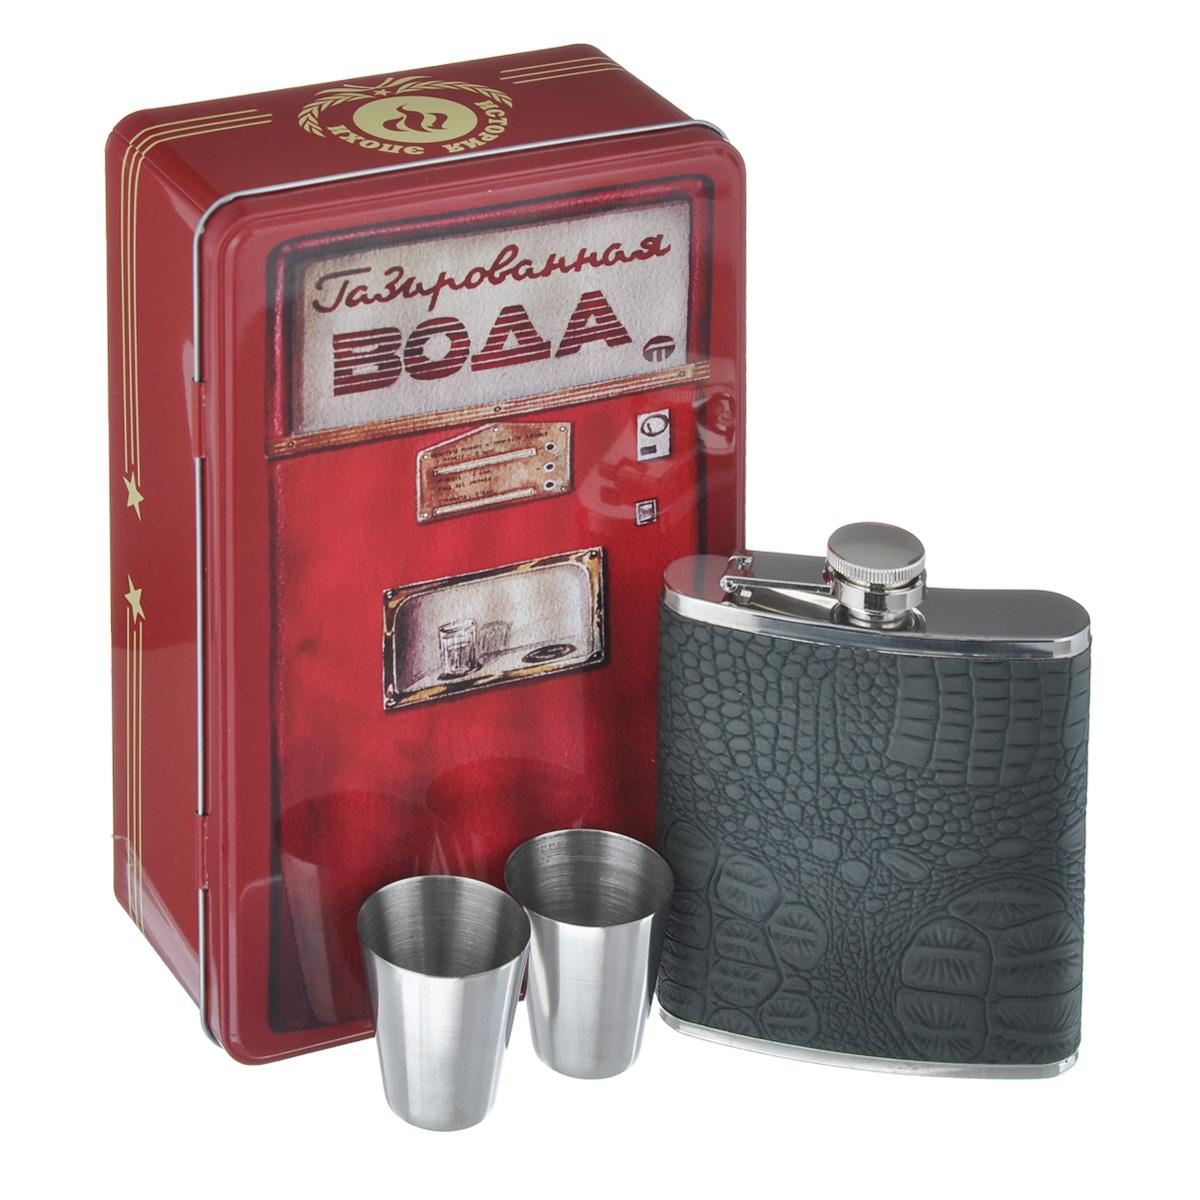 """Элегантный подарочный набор Феникс-презент """"Газированная вода"""" выполнен из  высококачественной нержавеющей стали. В набор входит фляга для спиртных  напитков и две стопки. Фляга оформлена вставкой из кожзаменителя с  декоративным тиснением """"под рептилию"""". Набор упакован в металлическую  подарочную коробку,  декорированную изображением автомата с газированной водой. Набор будет  великолепным подарком вашим друзьям и коллегам.  Размер фляги: 9,5 см х 12 см х 2 см. Объем фляги: 200 мл. Диаметр стопки: 3,7 см. Высота стопки: 4,2 см."""